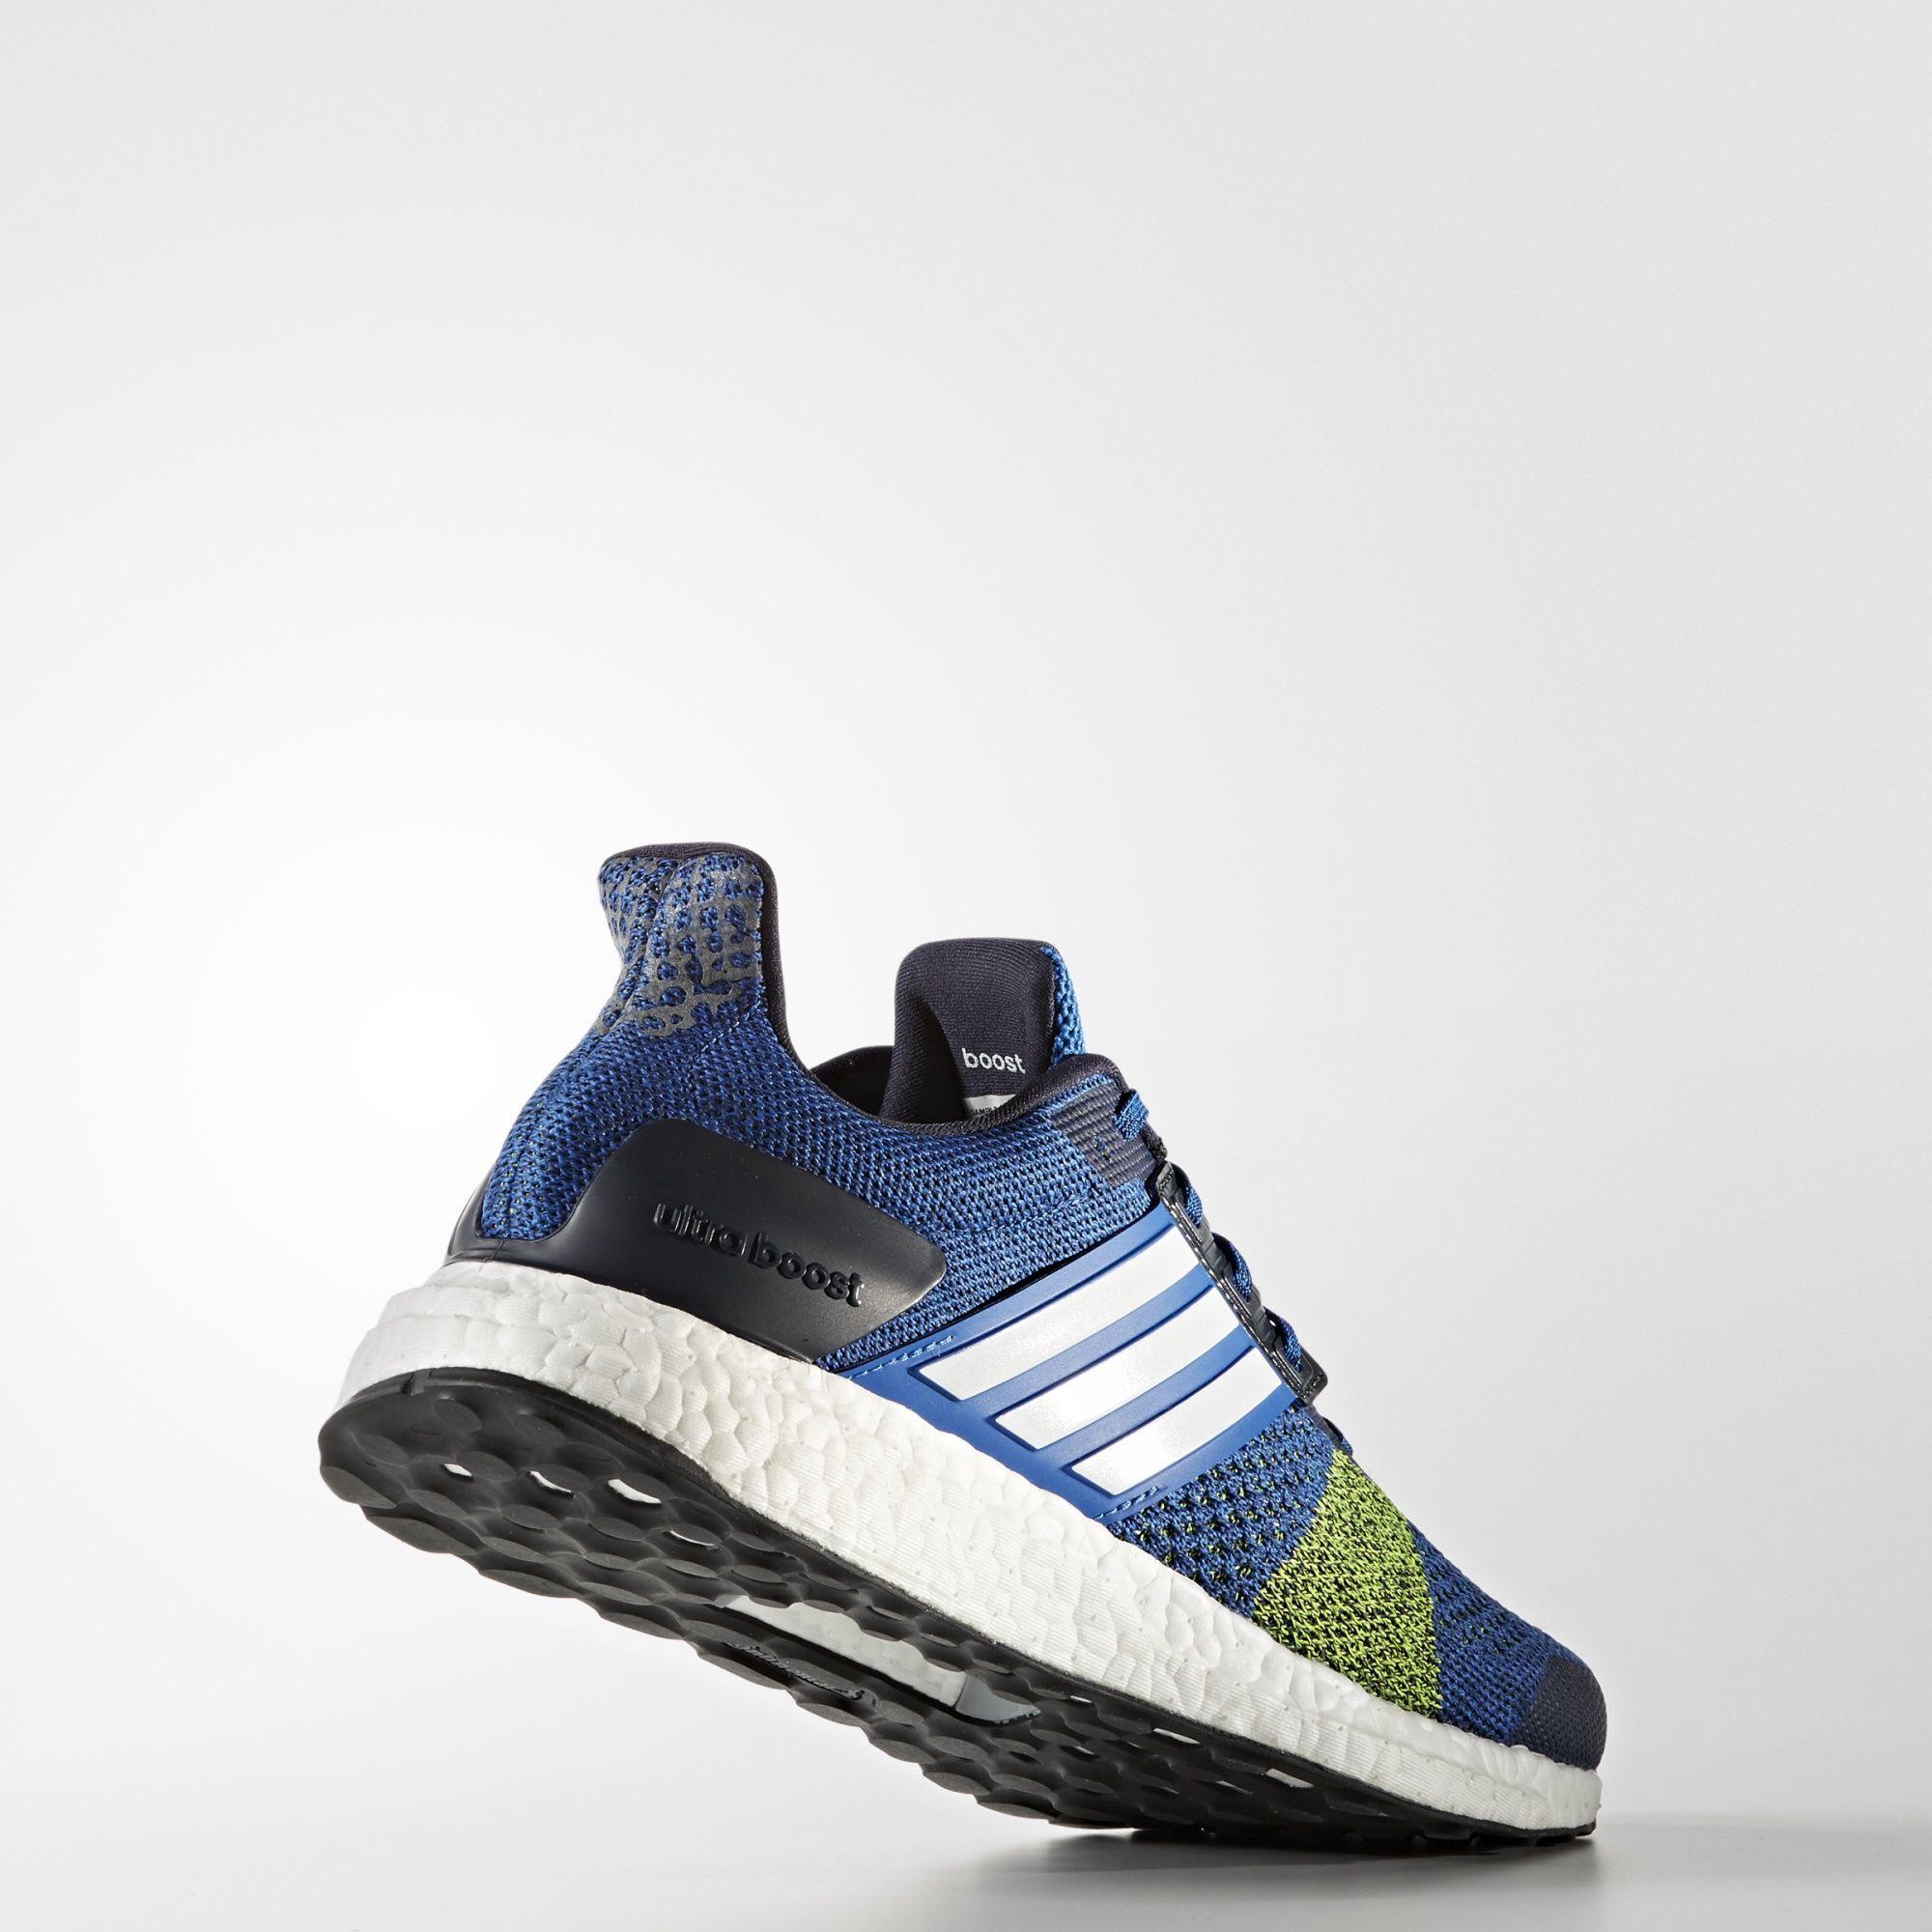 adidas UltraBOOST ST (Blau)